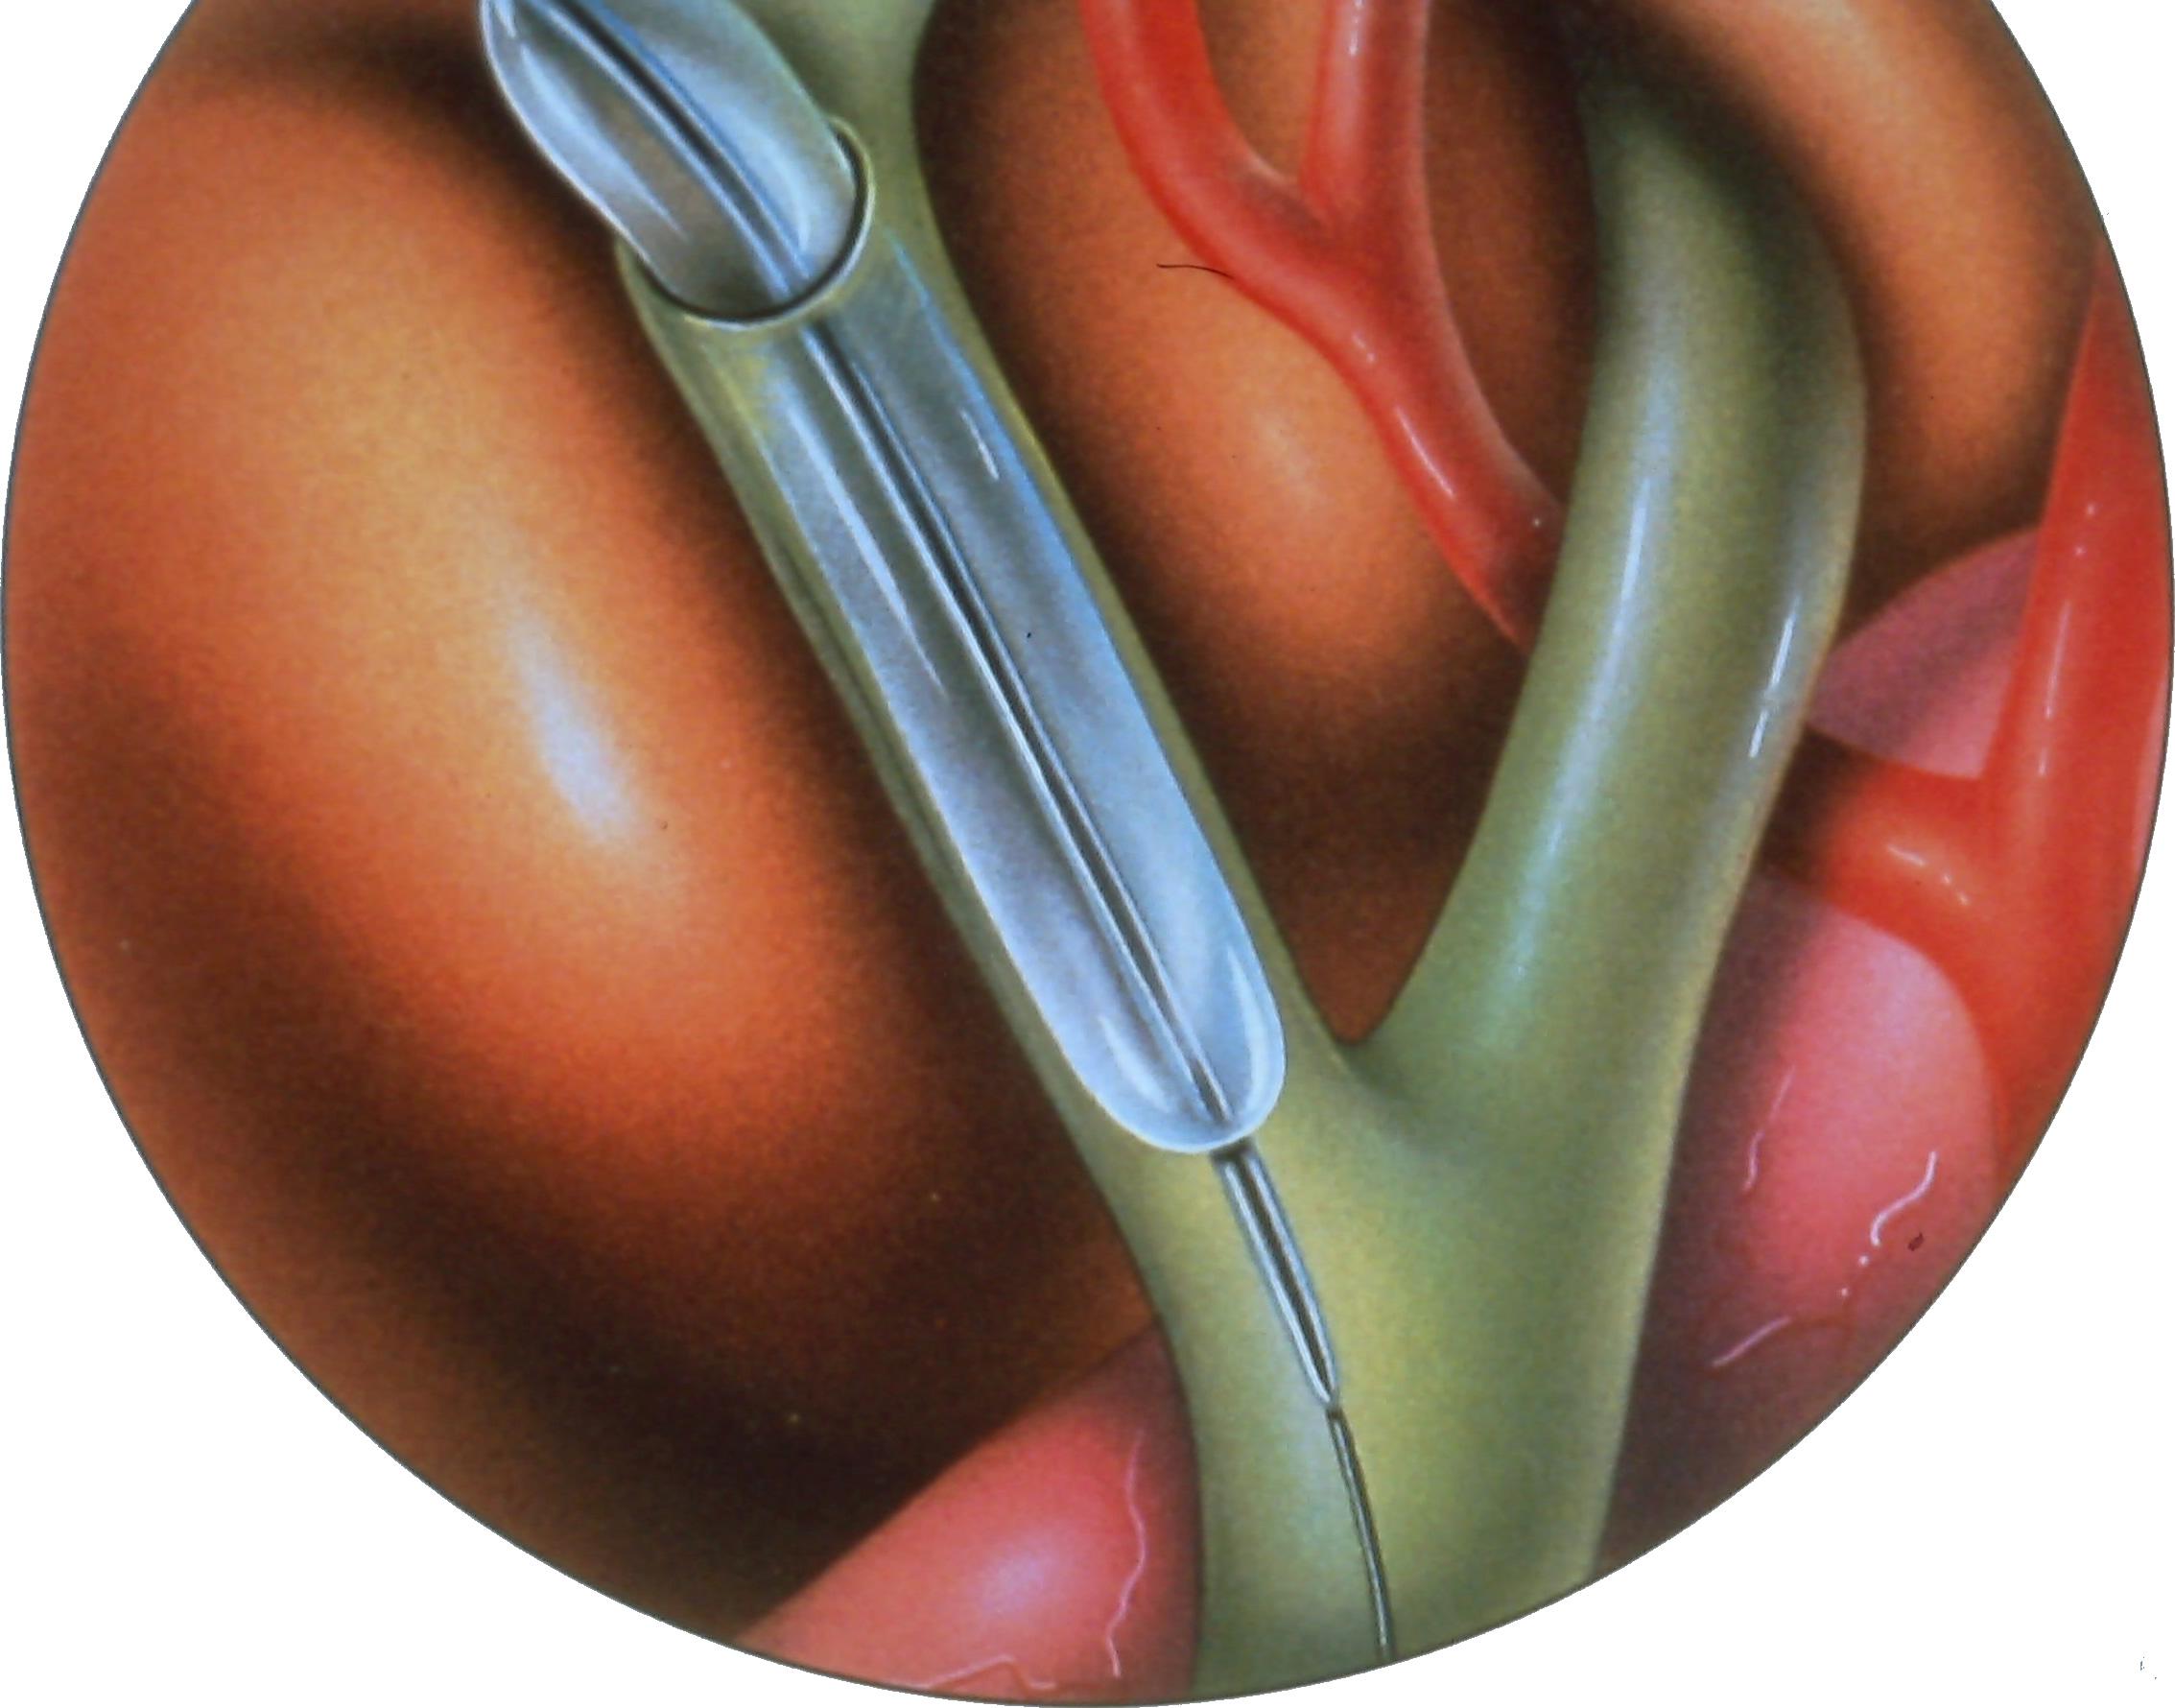 laparoscopic-common-bile-duct-exploration-2